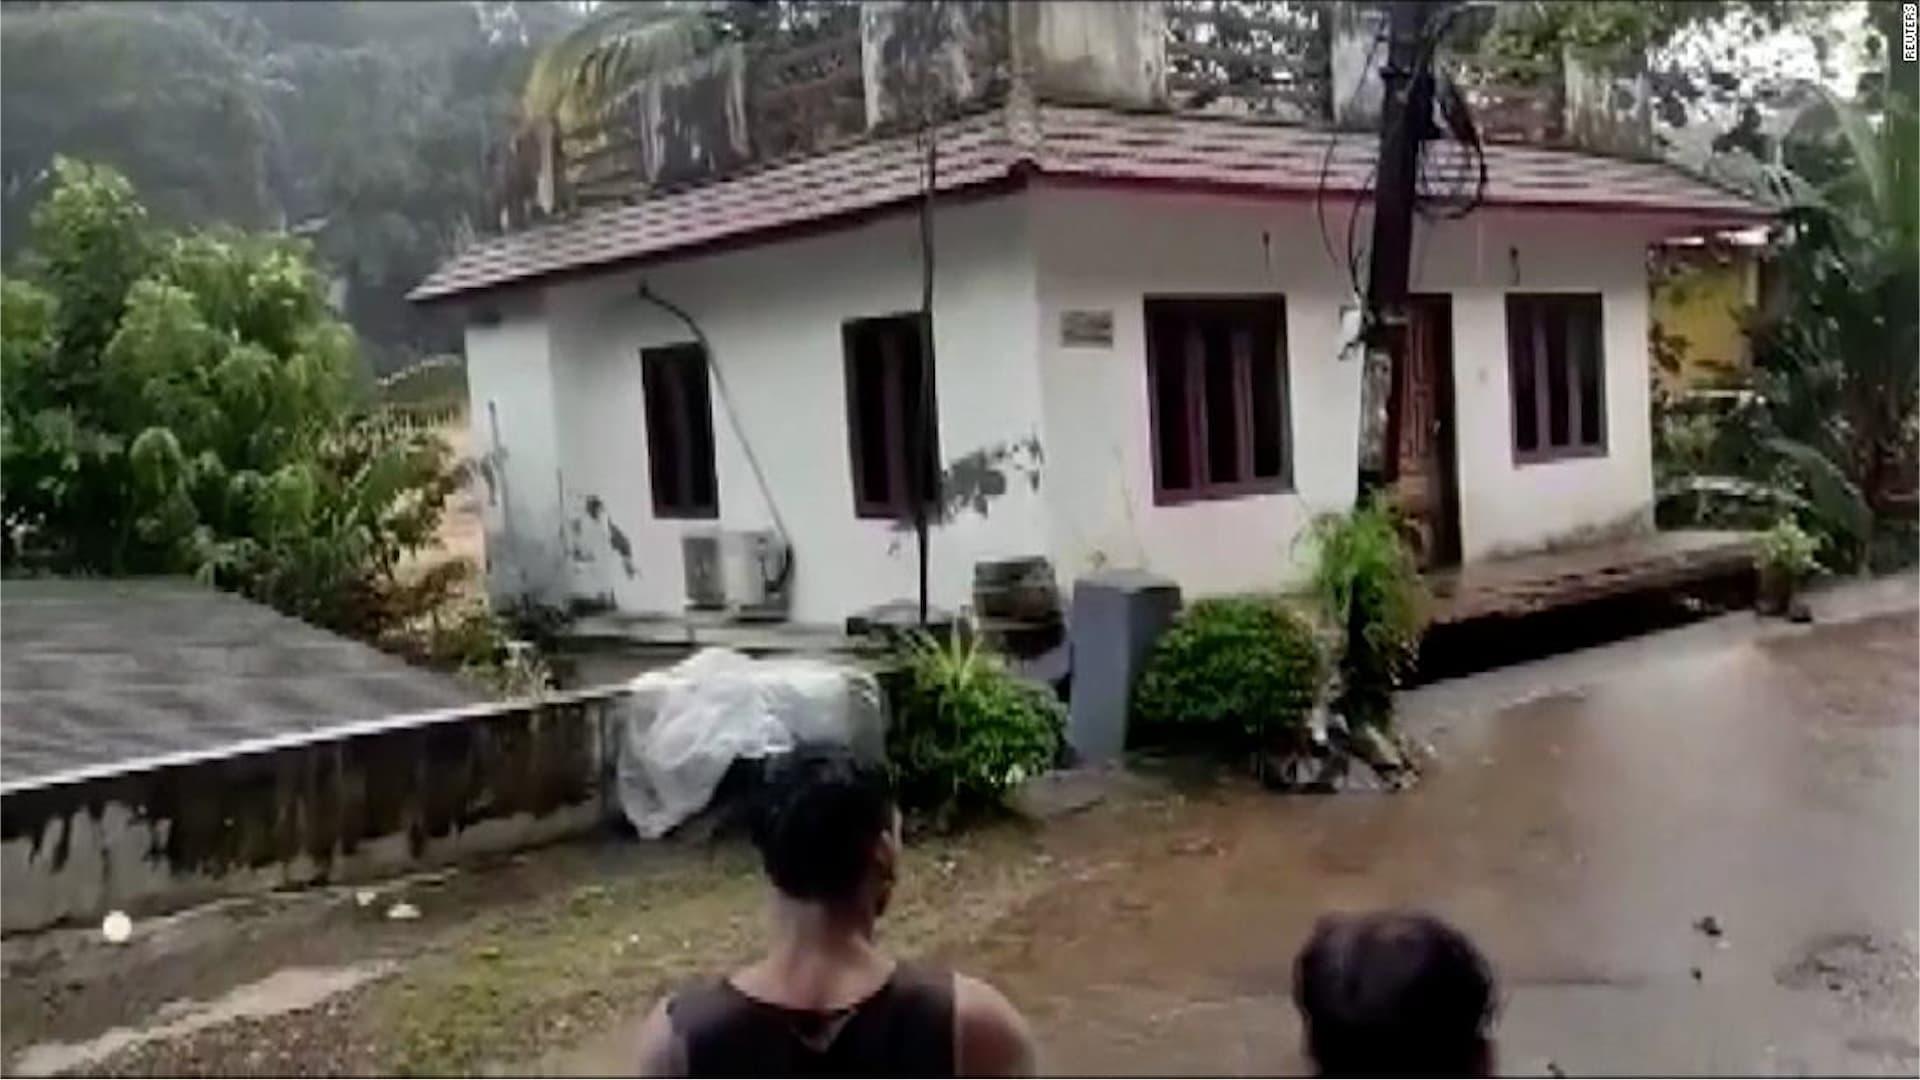 شاهد.. انهيار منزل بأكمله جرفته فيضانات عارمة في الهند